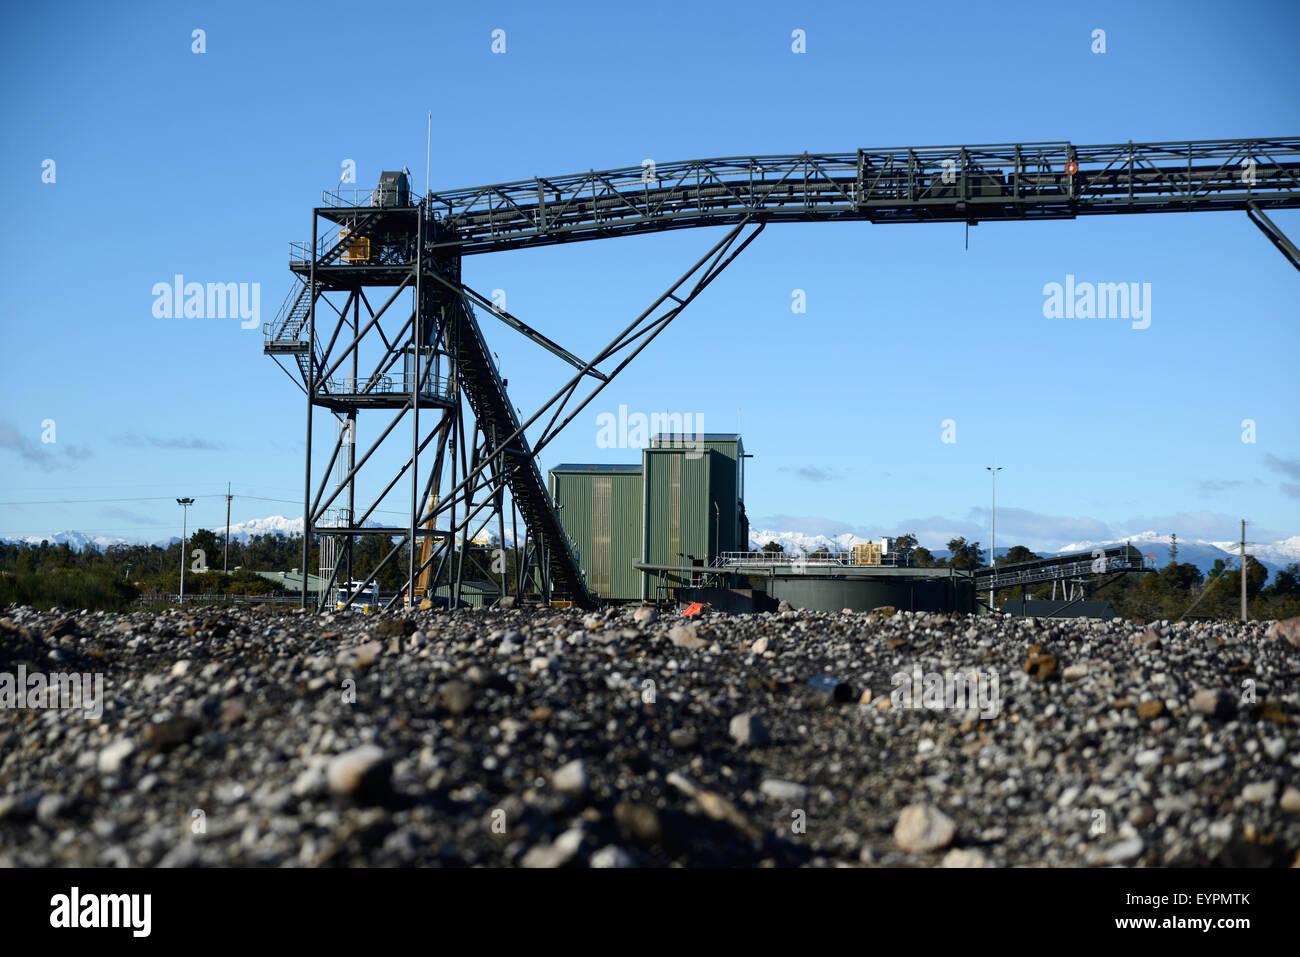 Förderband Gürtel Infrastruktur für Loadout Einrichtungen in einem Kohlebergwerk Stockbild